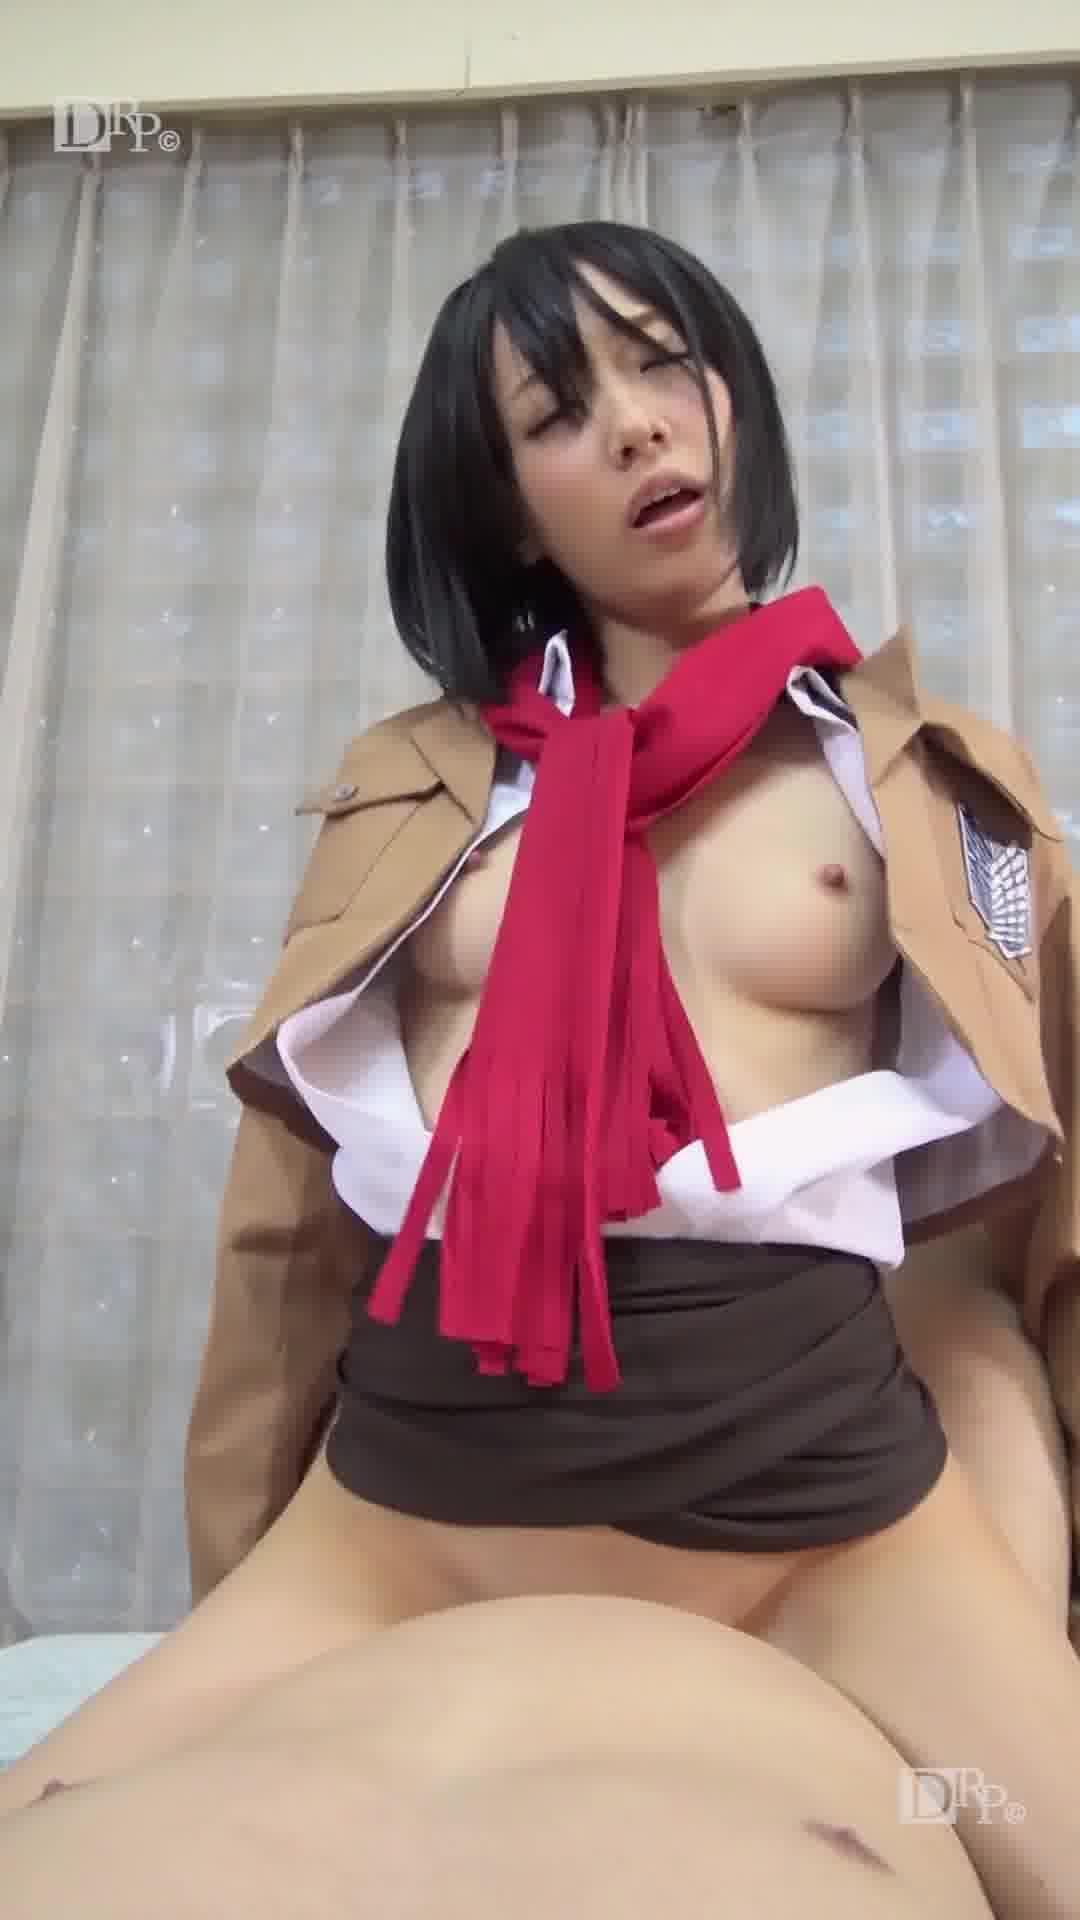 縦型動画 033 ~オフパコプライベート~ - 目々澤めぐ【ハメ撮り・コスプレ・中出し】